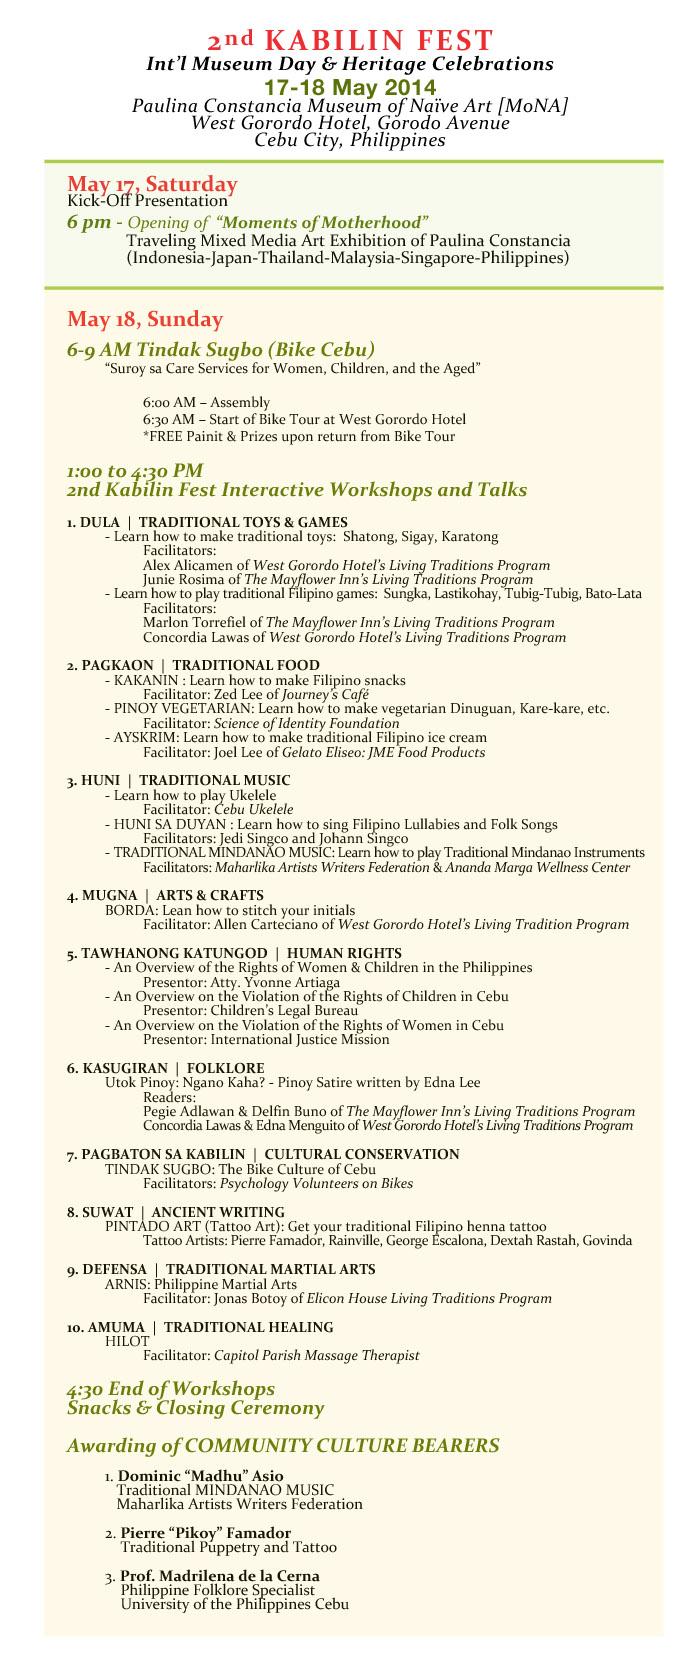 2nd KABILIN FEST Schedule of Activities